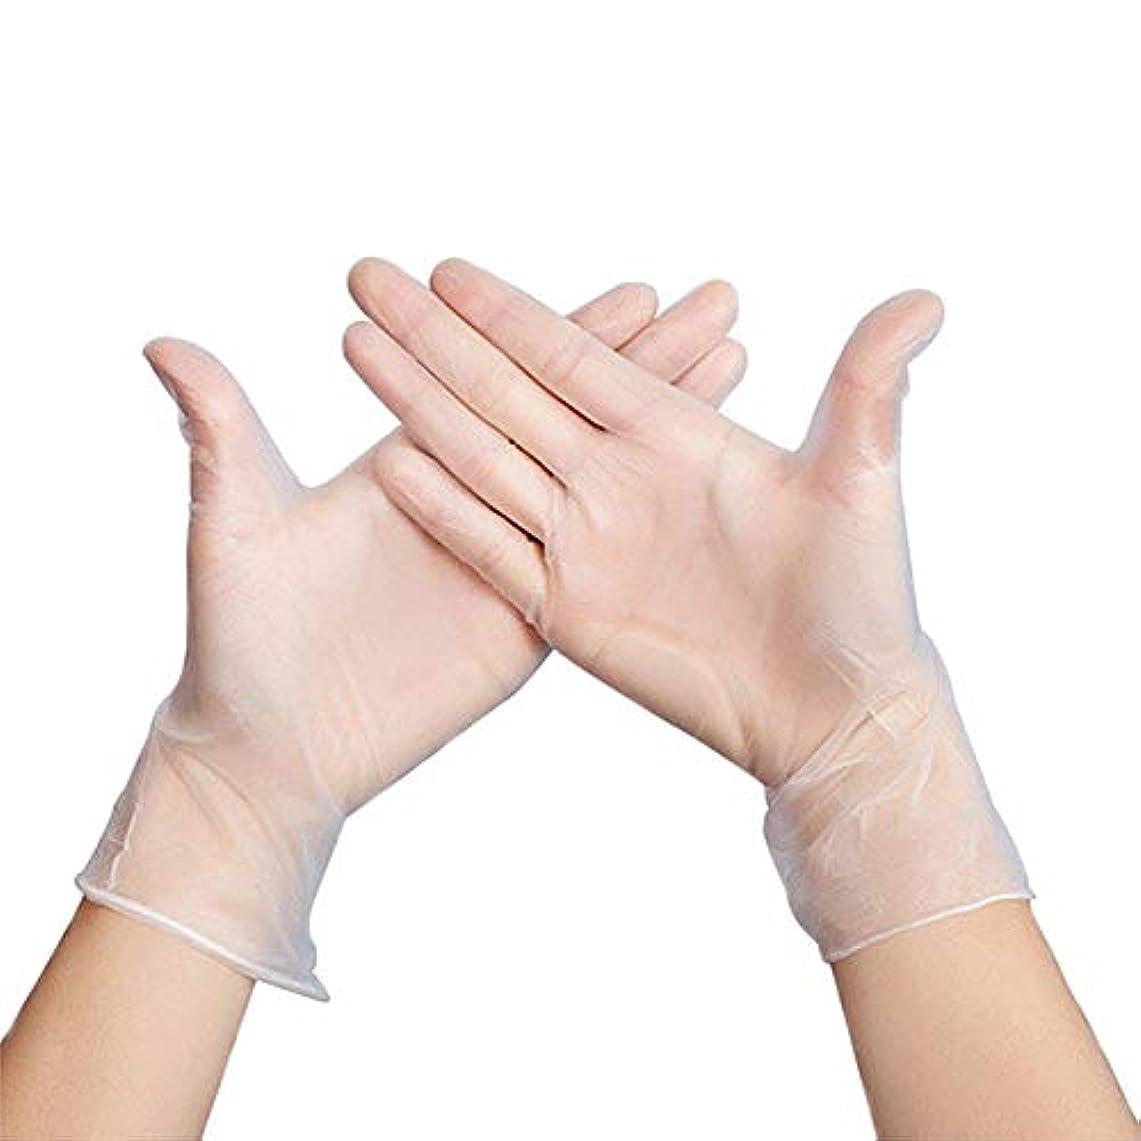 中世の気絶させるアラブ人Geafos ニトリル使い捨て手袋、パウダーフリー、食品グレードの手袋、ラテックスフリー、100個 透明 size S